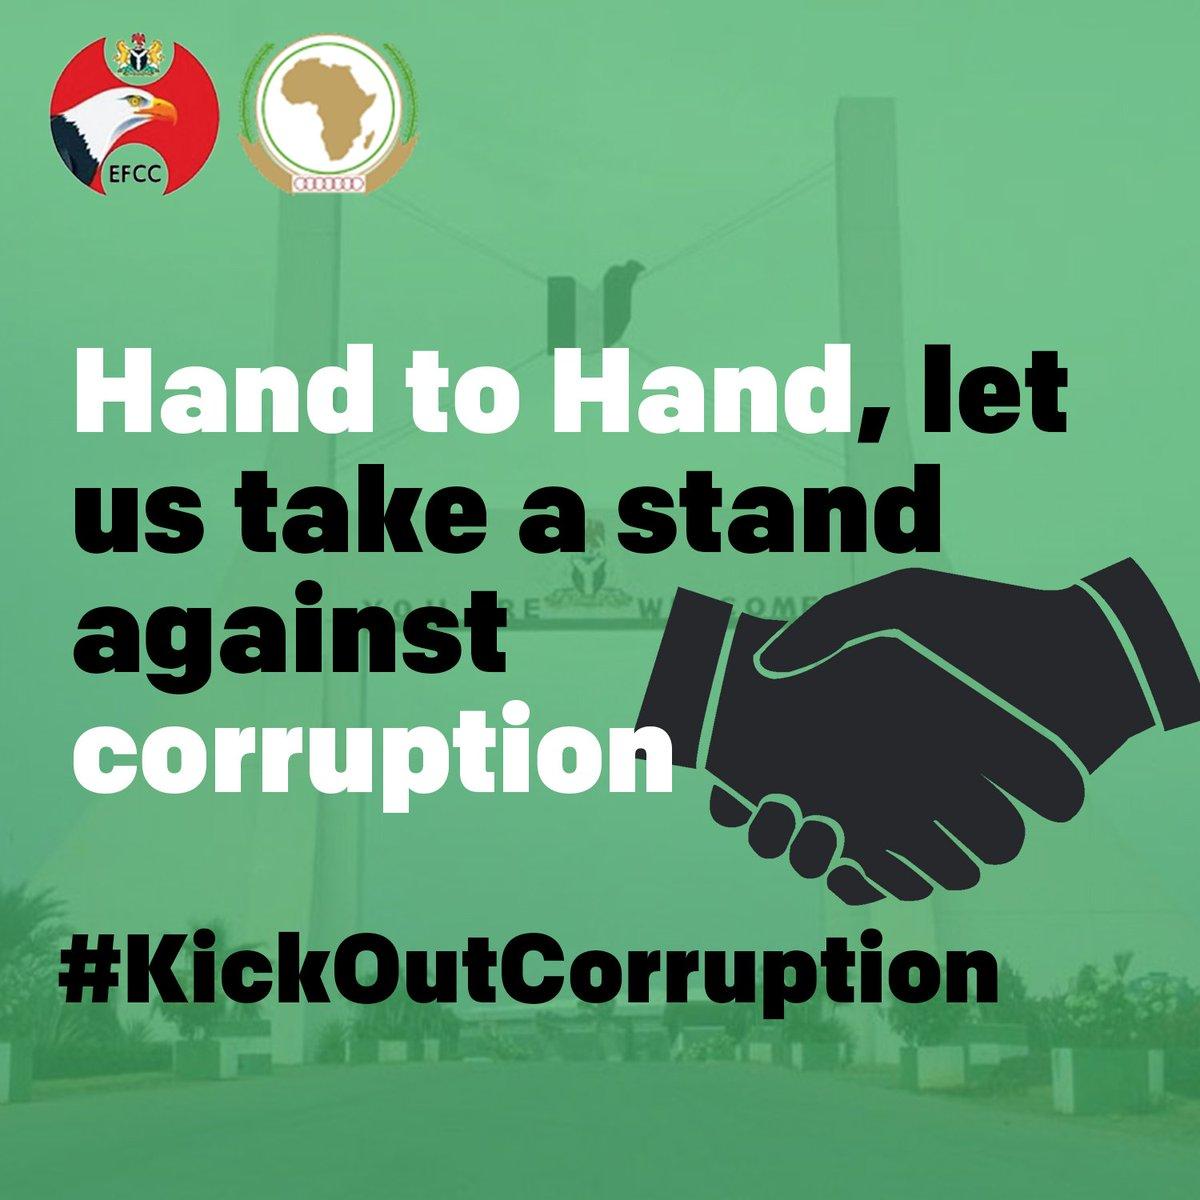 EFCC Nigeria on Twitter: